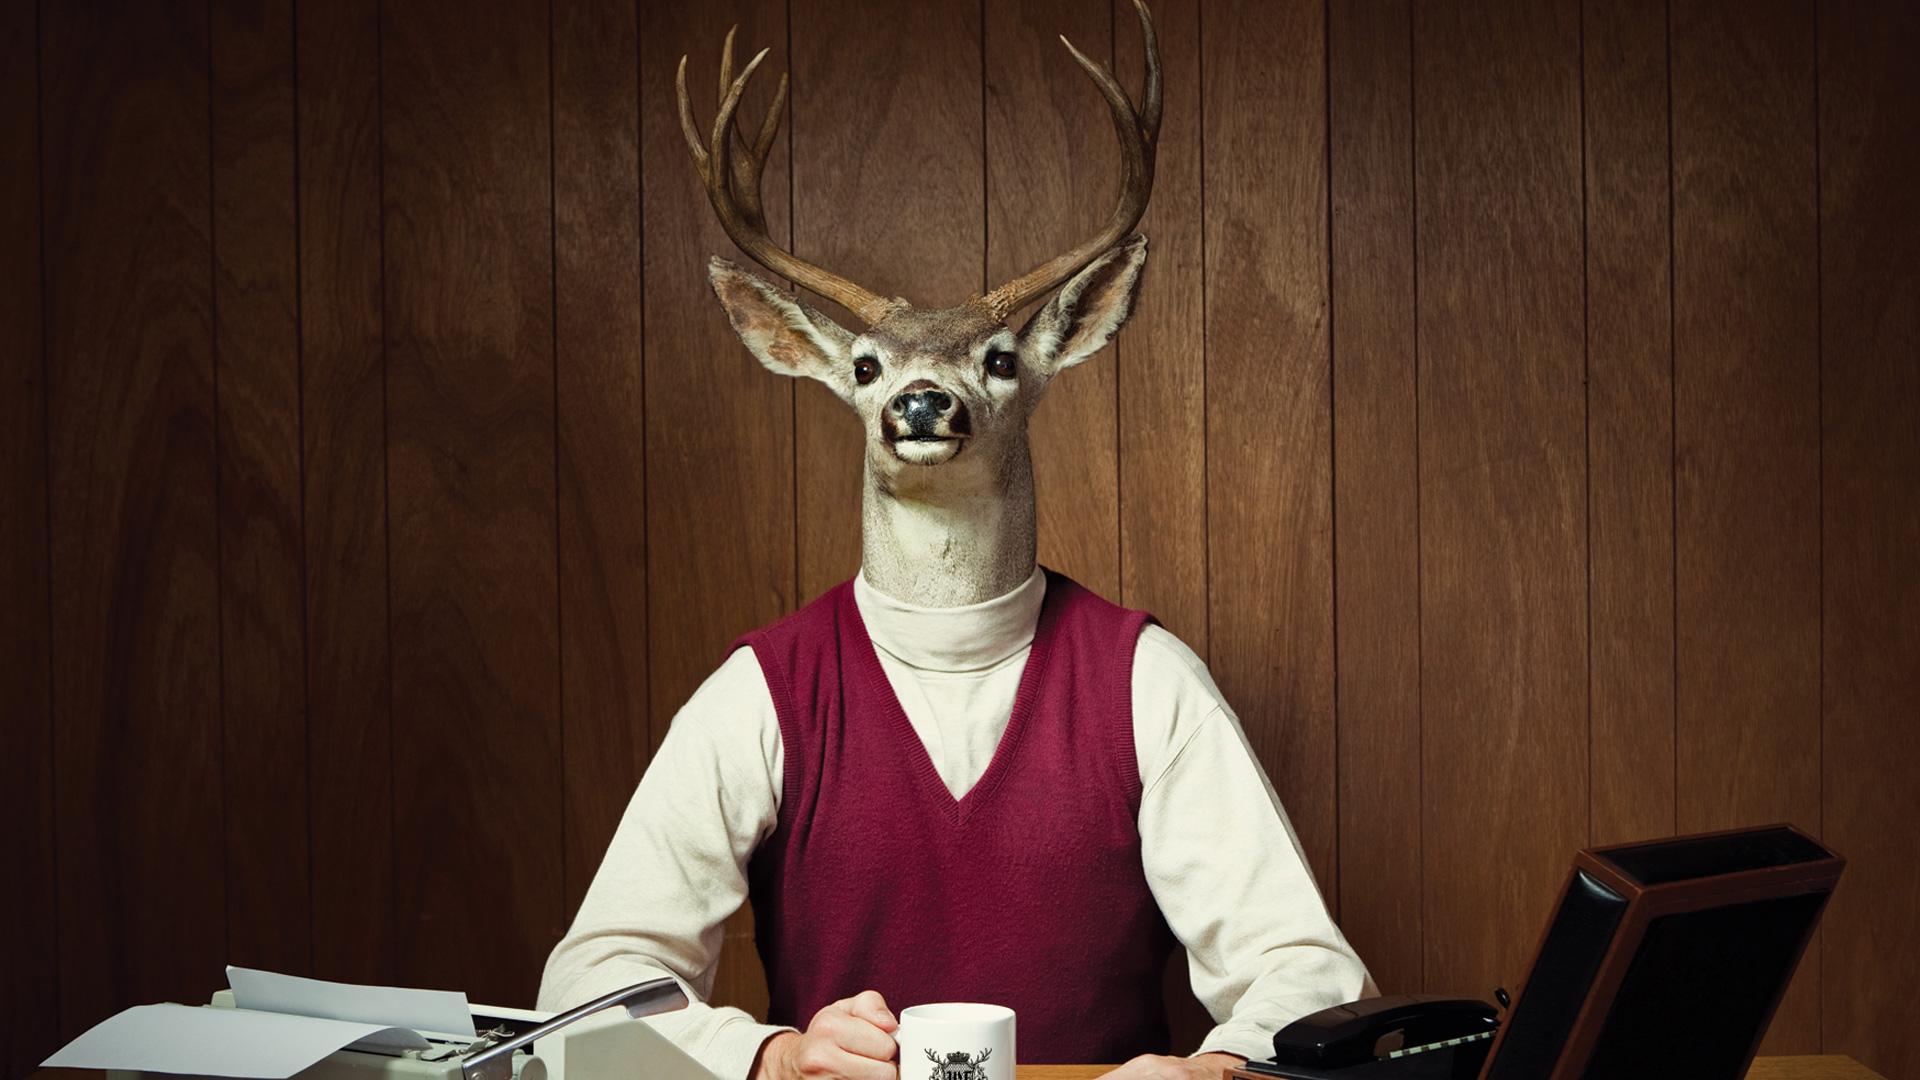 Envie de boire un verre après le travail ?